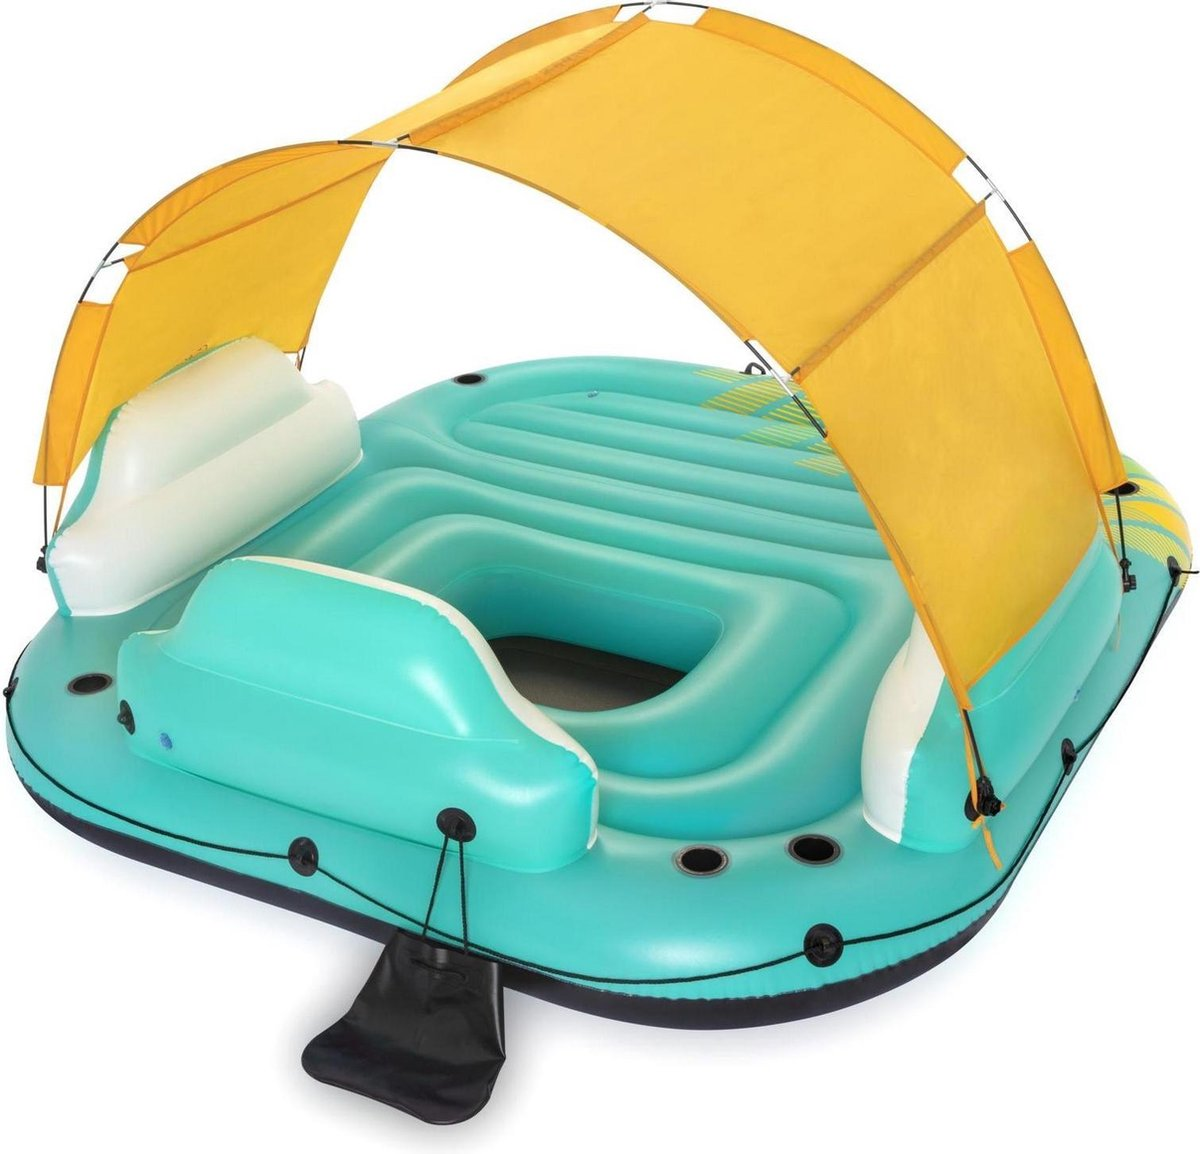 Opblaasbaar Drijvend Eiland met Zonwering - Bestway Hydro Force Sunny Lounge - Zwembad speelgoed - Inflatable Pool Island - Loungegedeelte - Rugleuningen - Voor 5 volwassenen - Luchtbed drijfeiland - Maximaal gewicht 450 kg - Afmeting 291x265x83 cm